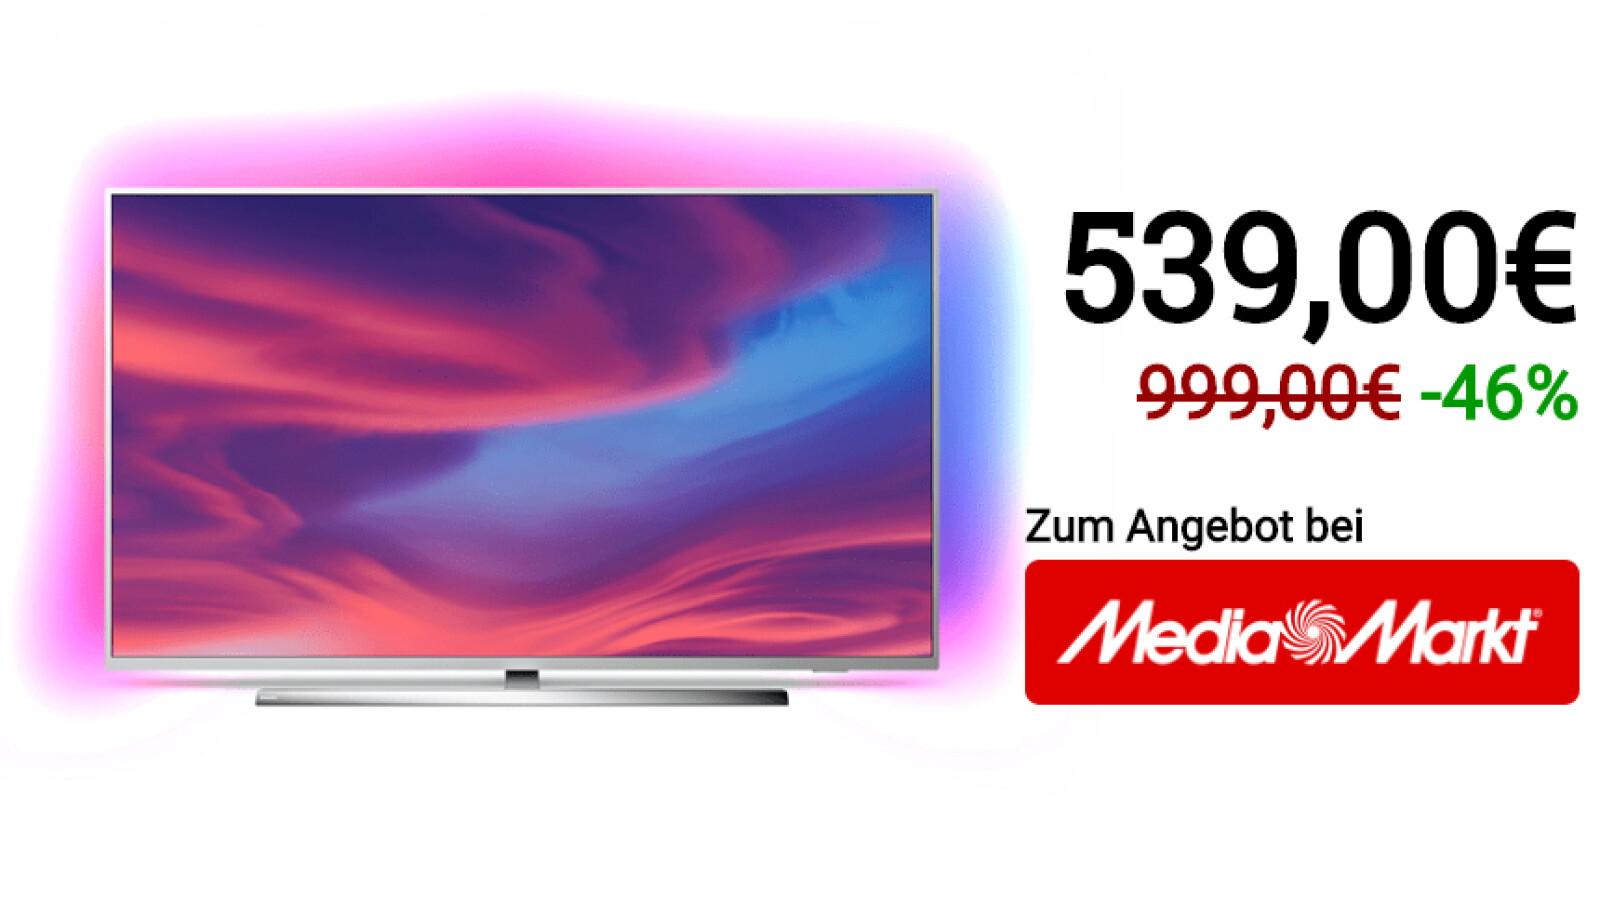 Philips Fernseher Media Markt